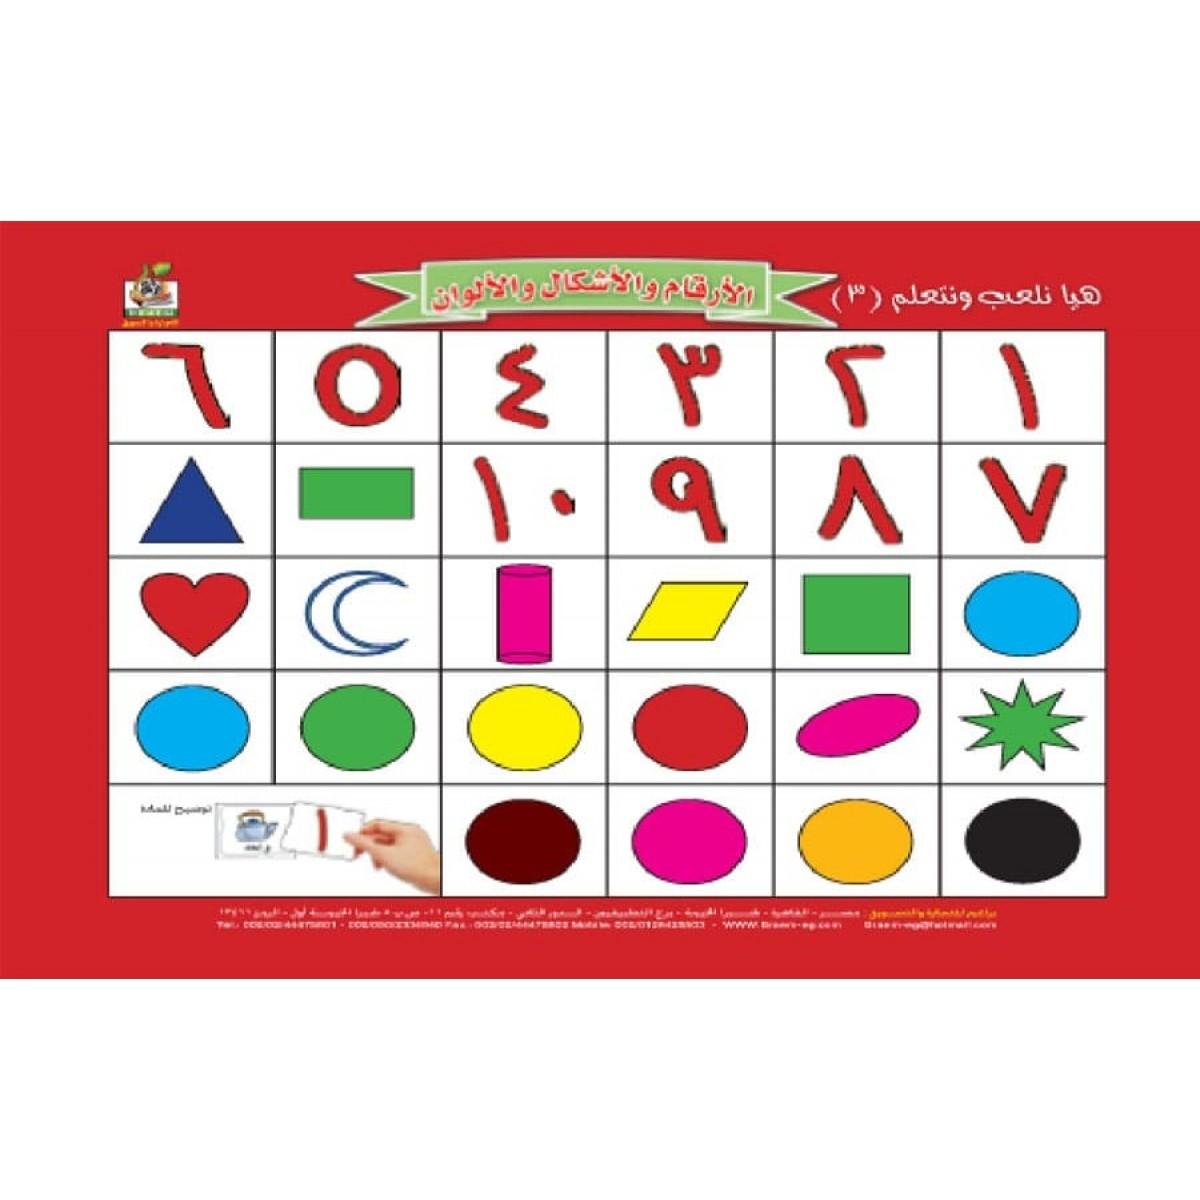 هيا نلعب ونتعلم الأرقام والاشكال والألوان , مقاس الكتاب 33*27 سم